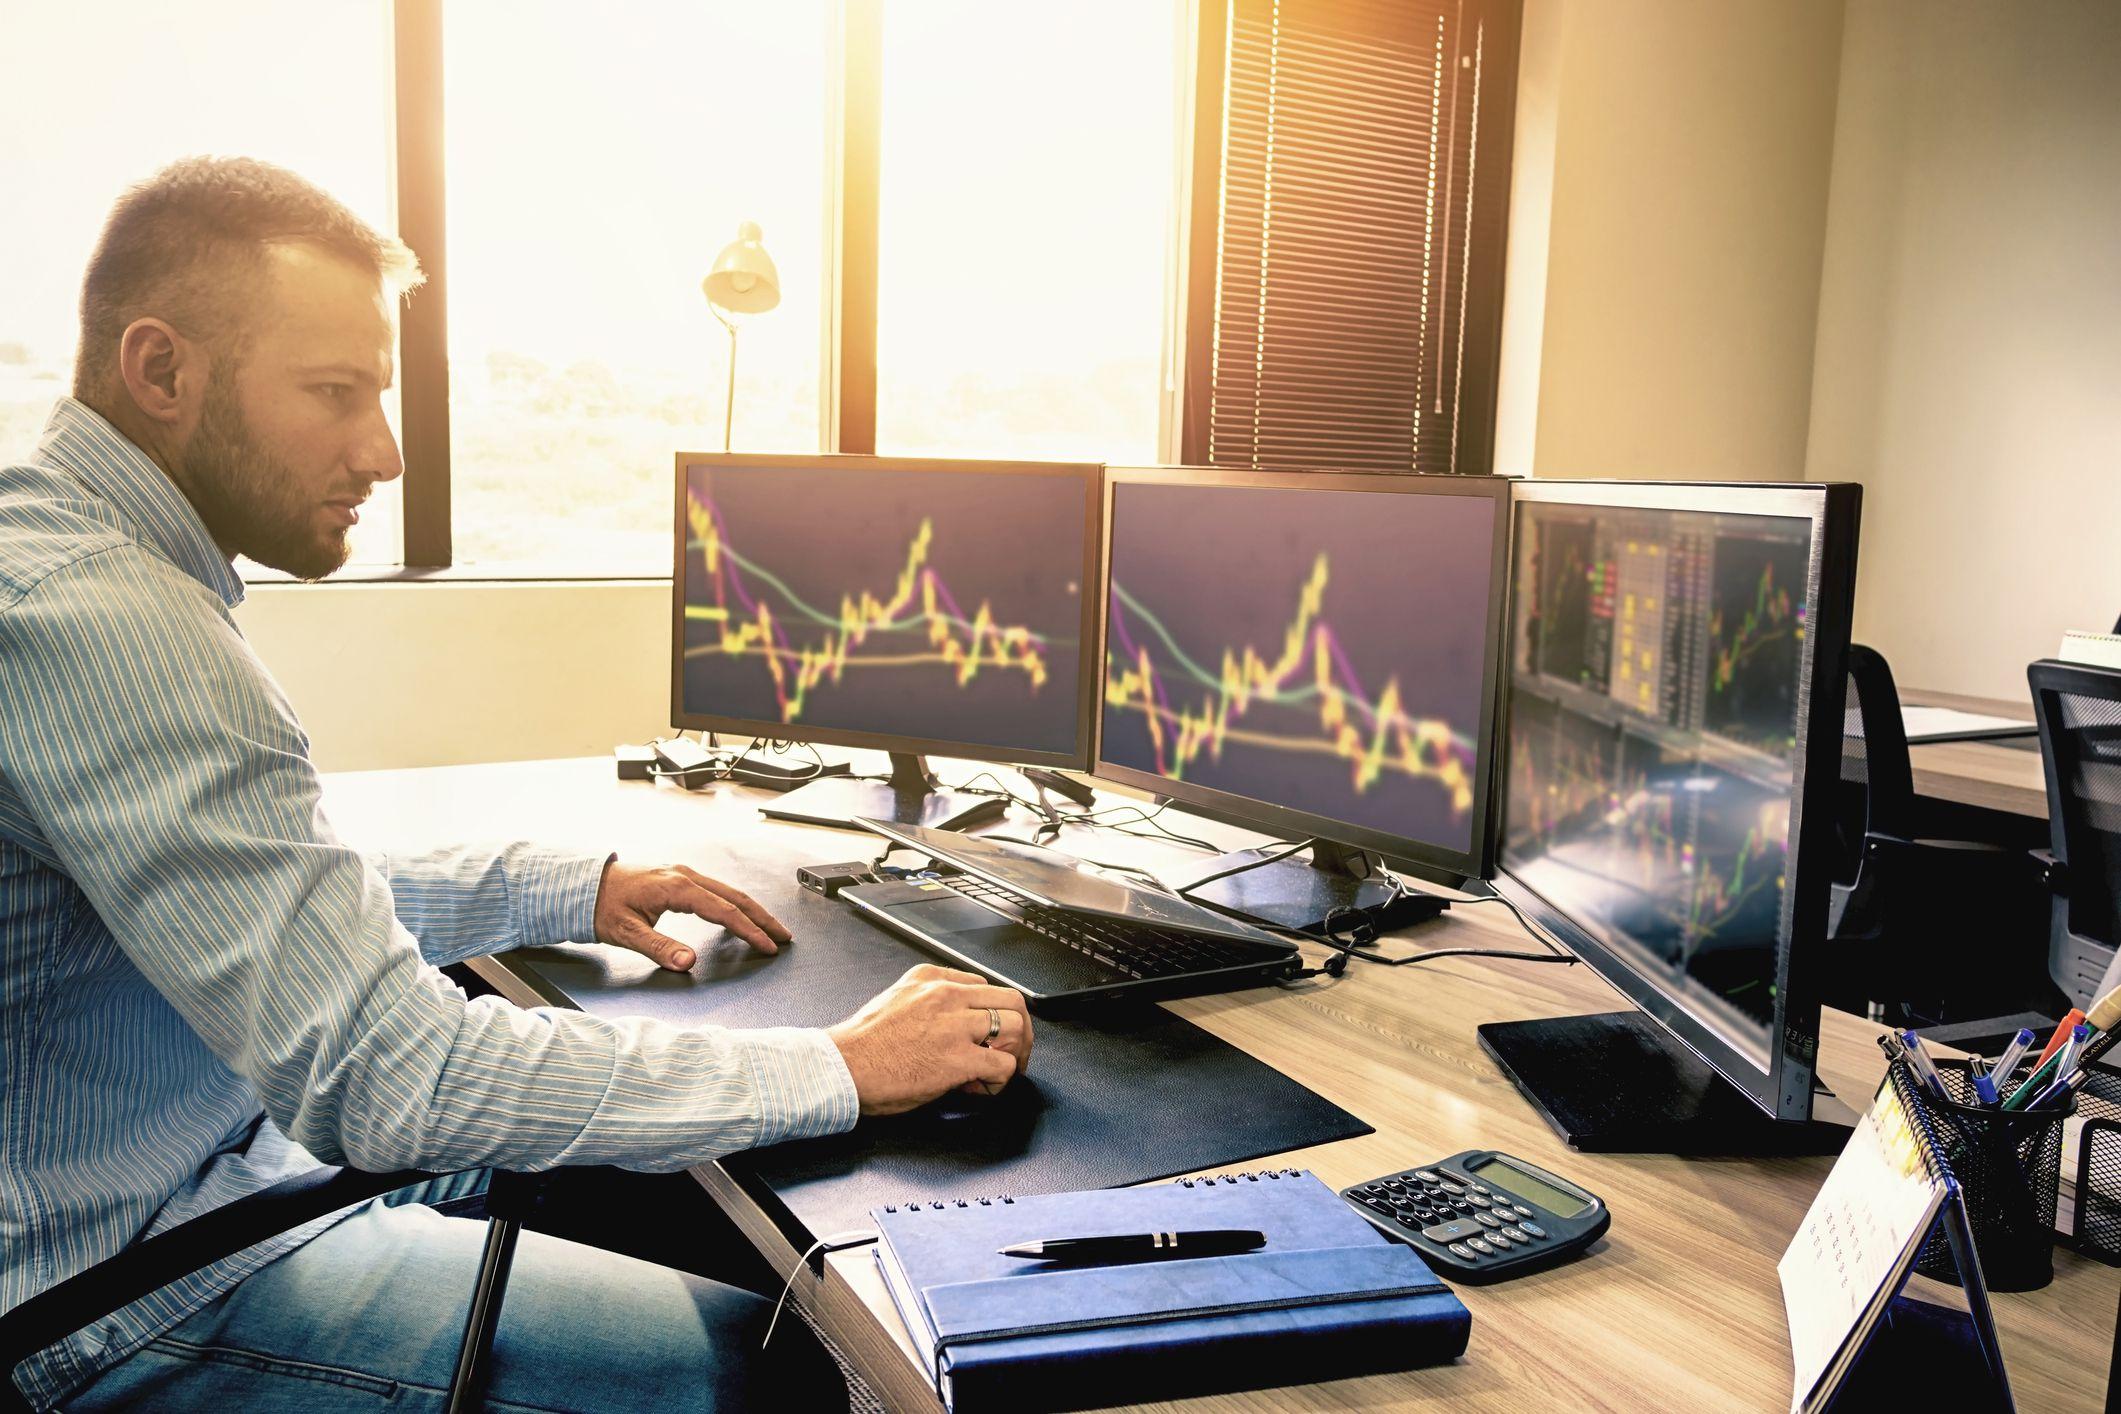 Les bases du trading : tout ce que vous devez savoir